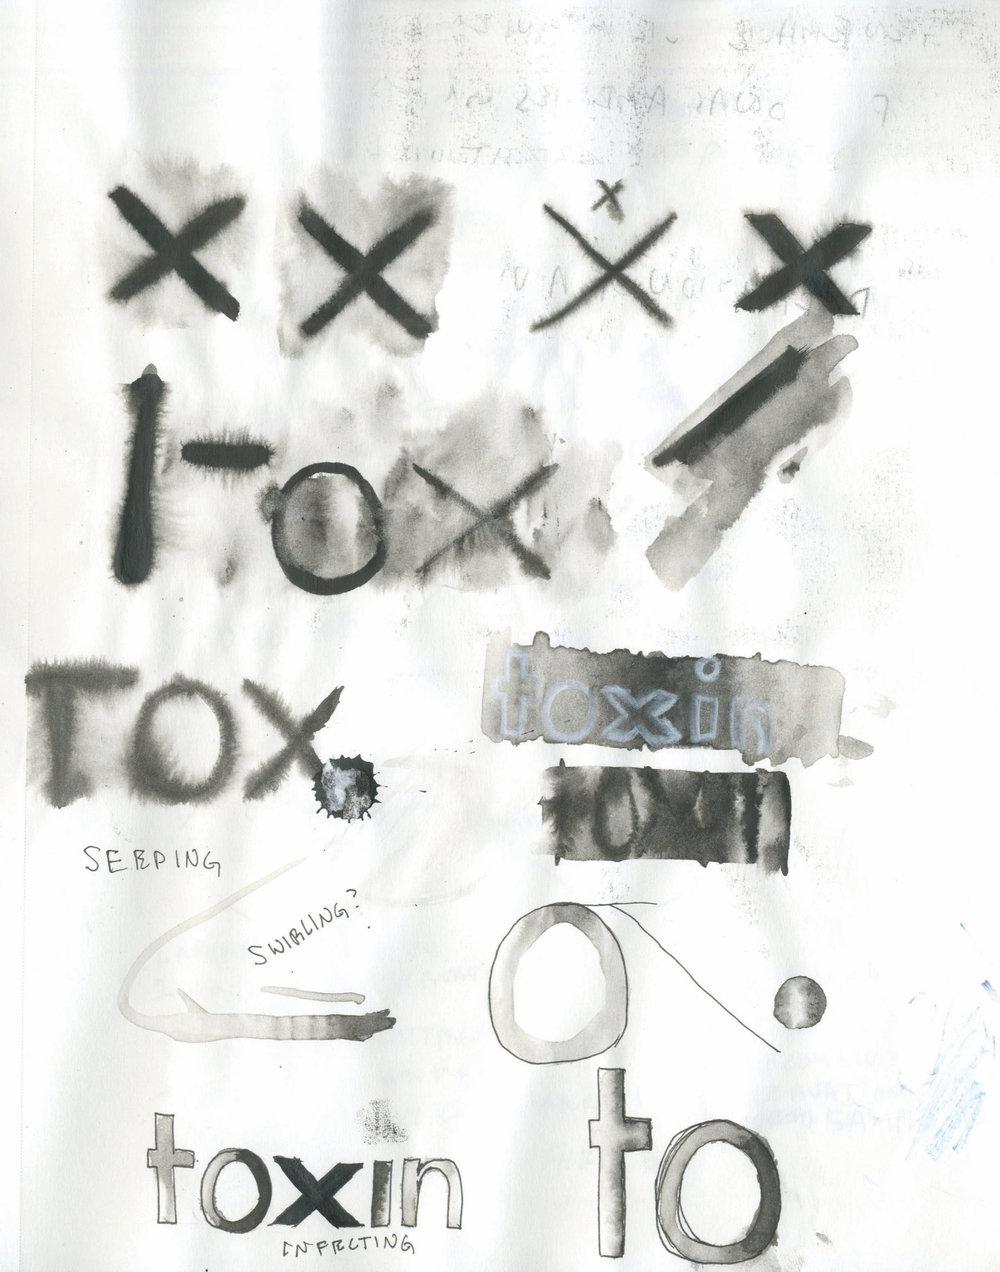 toxinscans_0002_img005.jpg